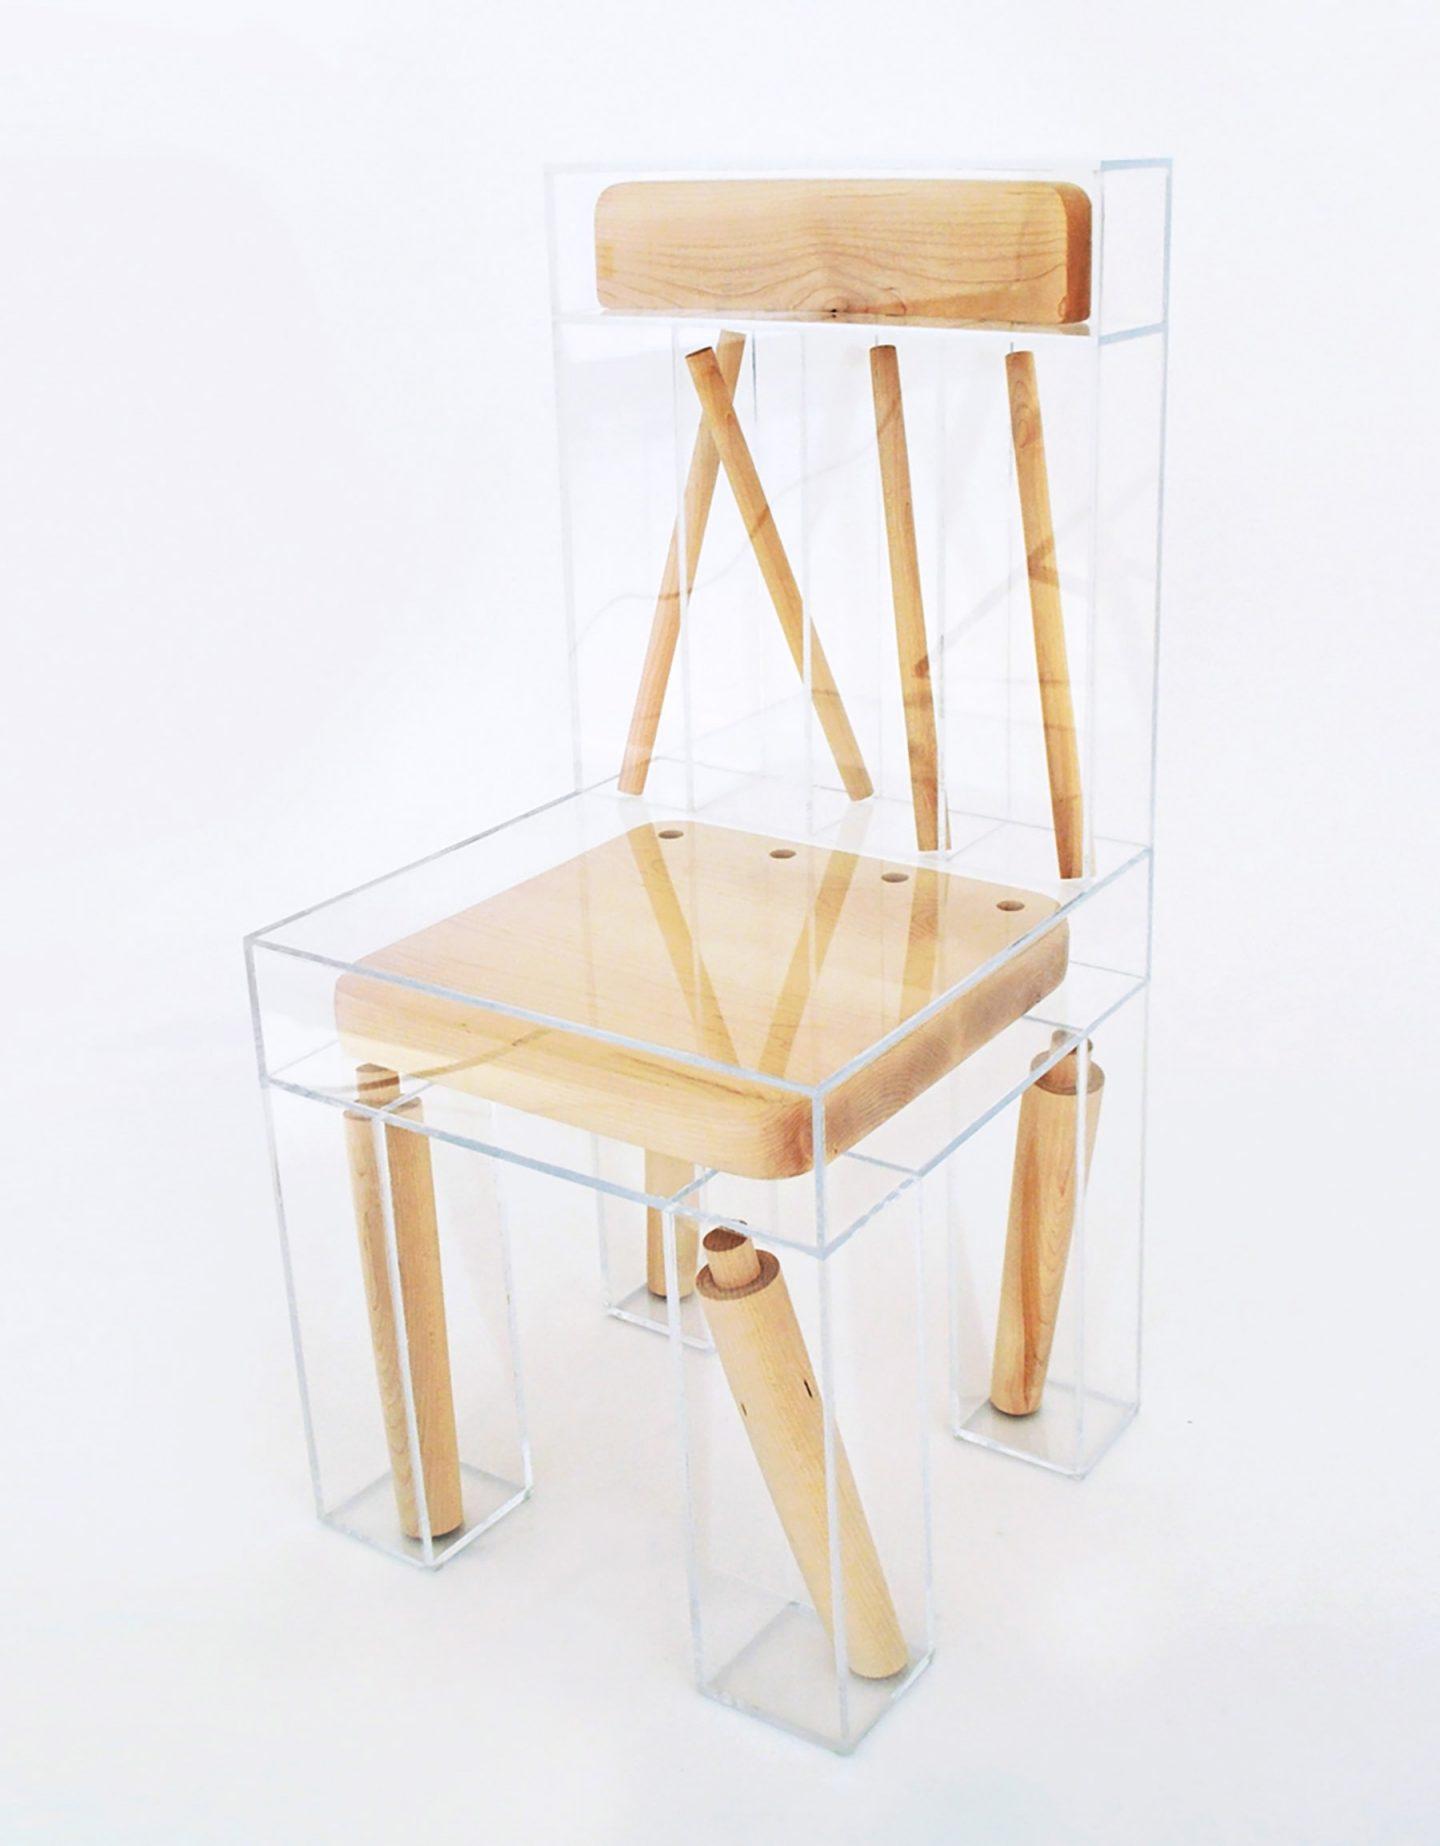 iGNANT-Design-Joyce-Lin-Exploded-Chair-001